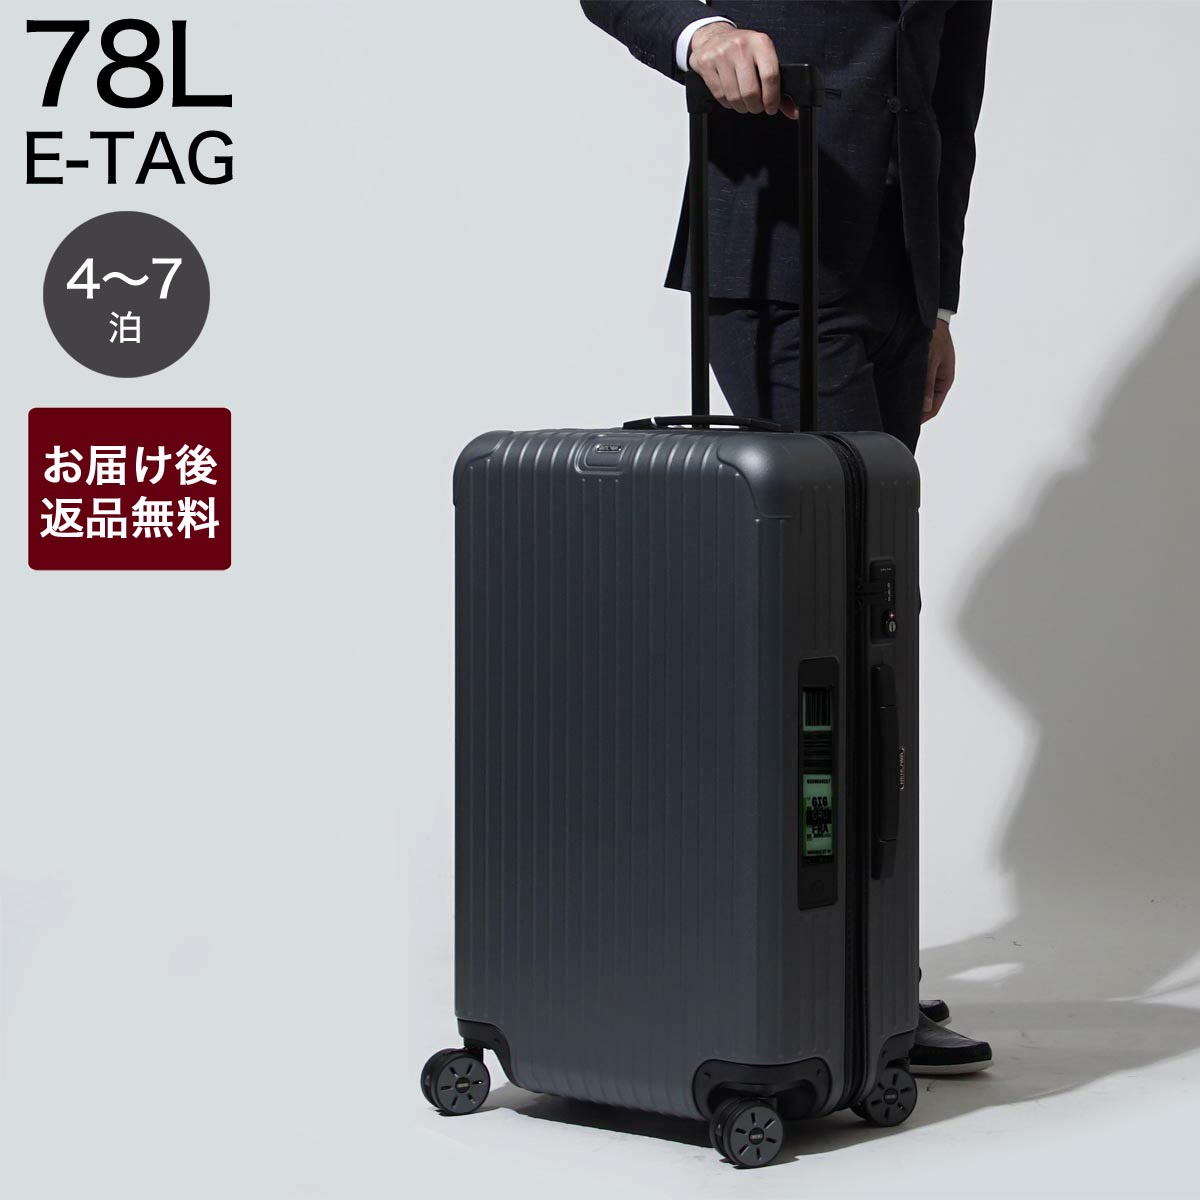 リモワ RIMOWA スーツケース 電子タグ仕様 キャリーケース グレー メンズ レディース 旅行 大容量 トラベル 出張 世界初 デザイン おしゃれ ビジネストローリー 811.70.35.5 SALSA 70 E-TAG MULTIWHEEL サルサ 78L【返品送料無料】